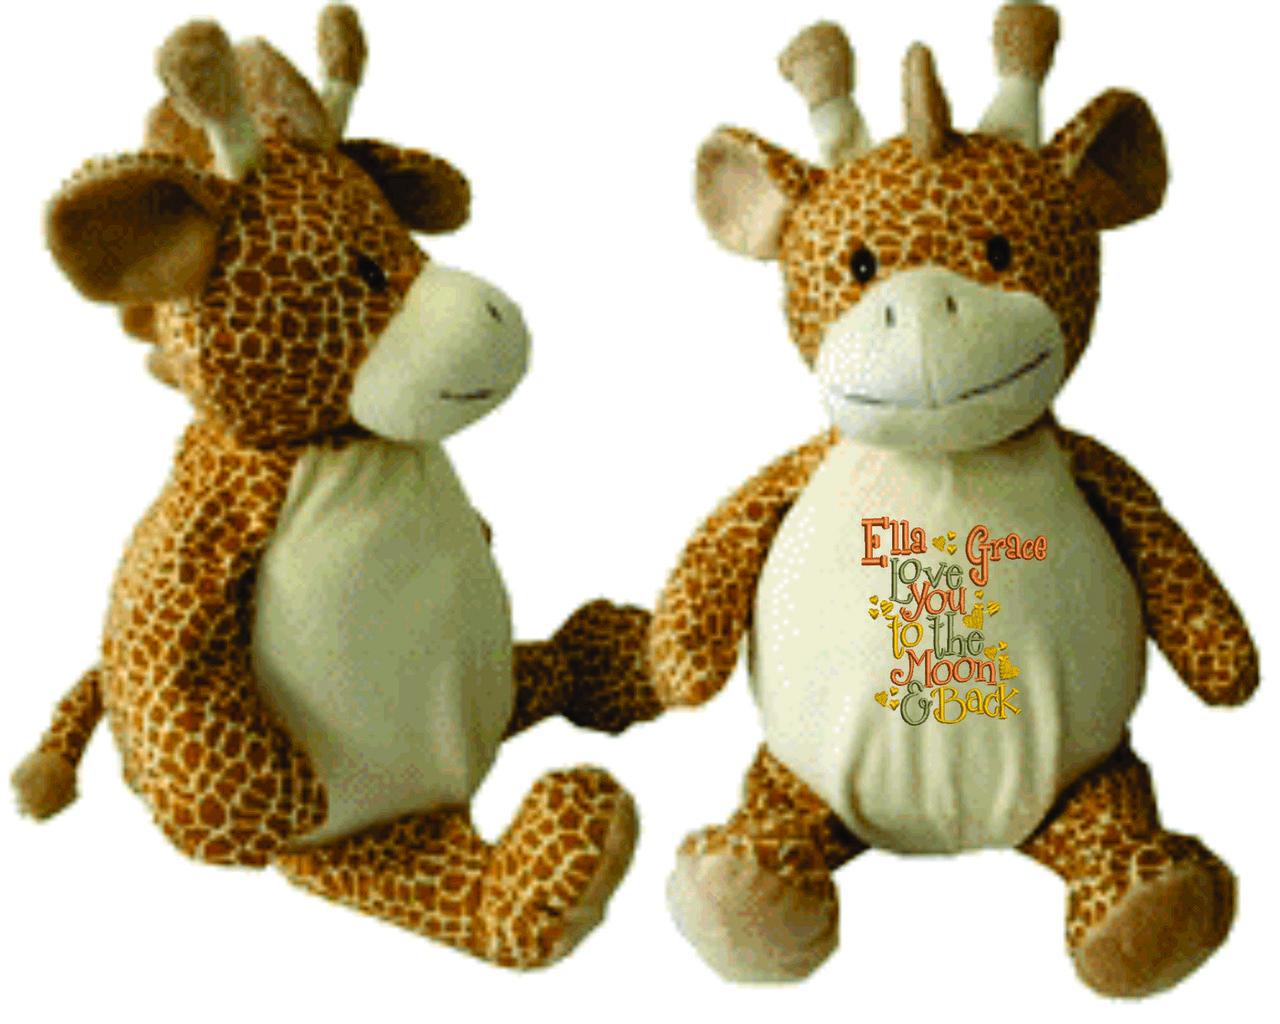 Gerry giraffe buddy personalized stuffed animal baby gift birth gerry giraffe buddy personalized stuffed animal baby gift birth announcement animal negle Gallery